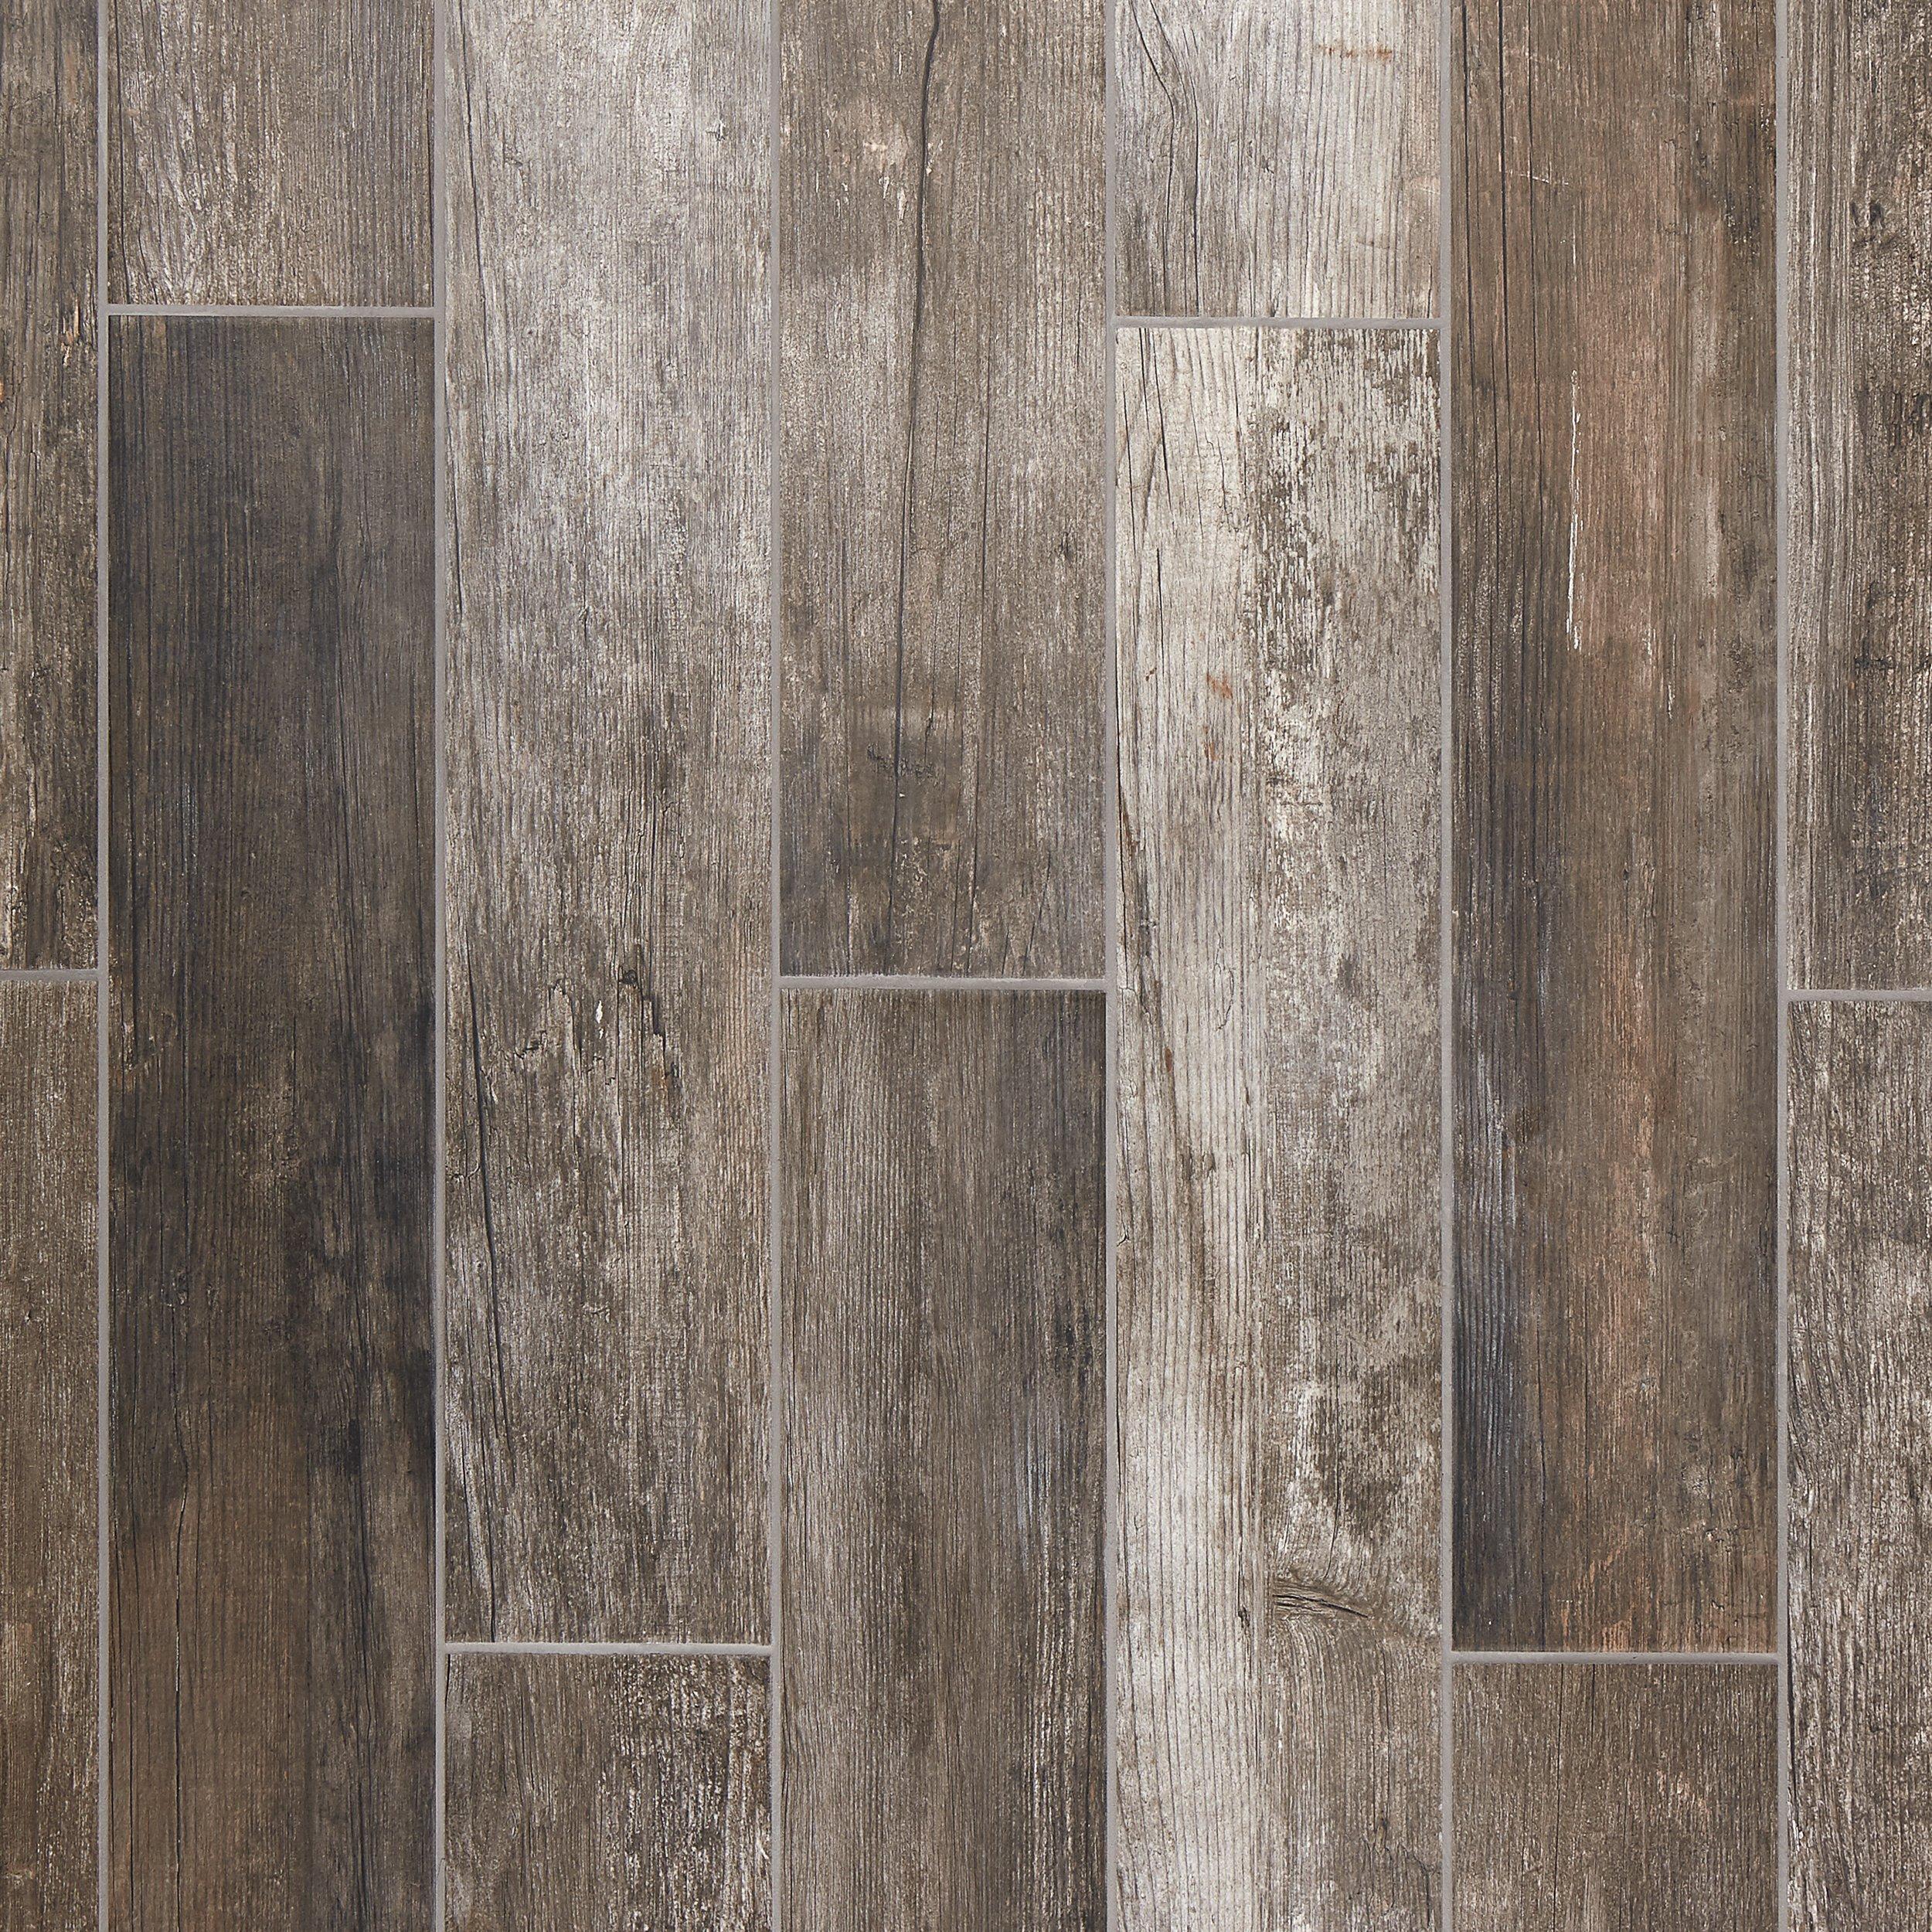 Fair Haven Wood Plank Porcelain Tile Wood Look Tile Porcelain Wood Tile Plank Tile Flooring Wood look ceramic floor tile